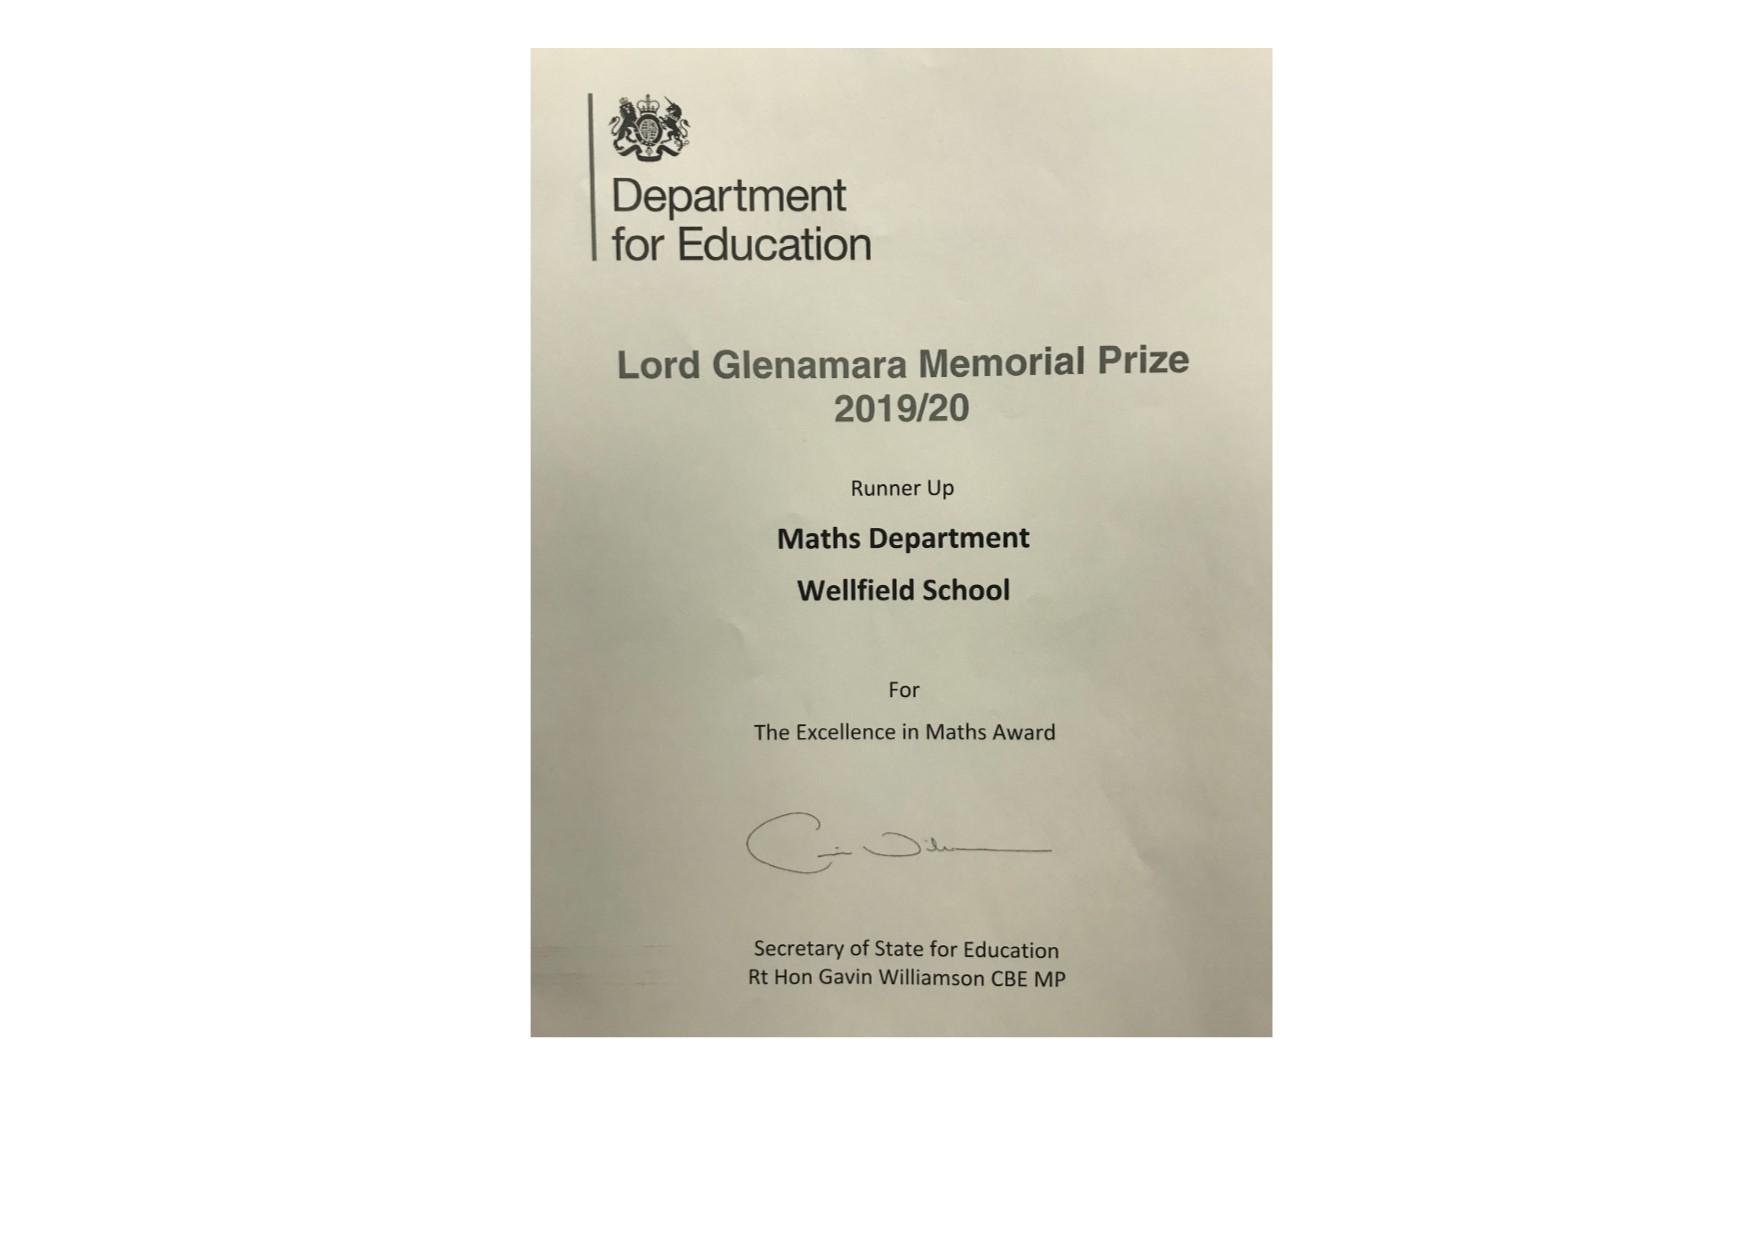 Lord Glenamara Memorial Prize